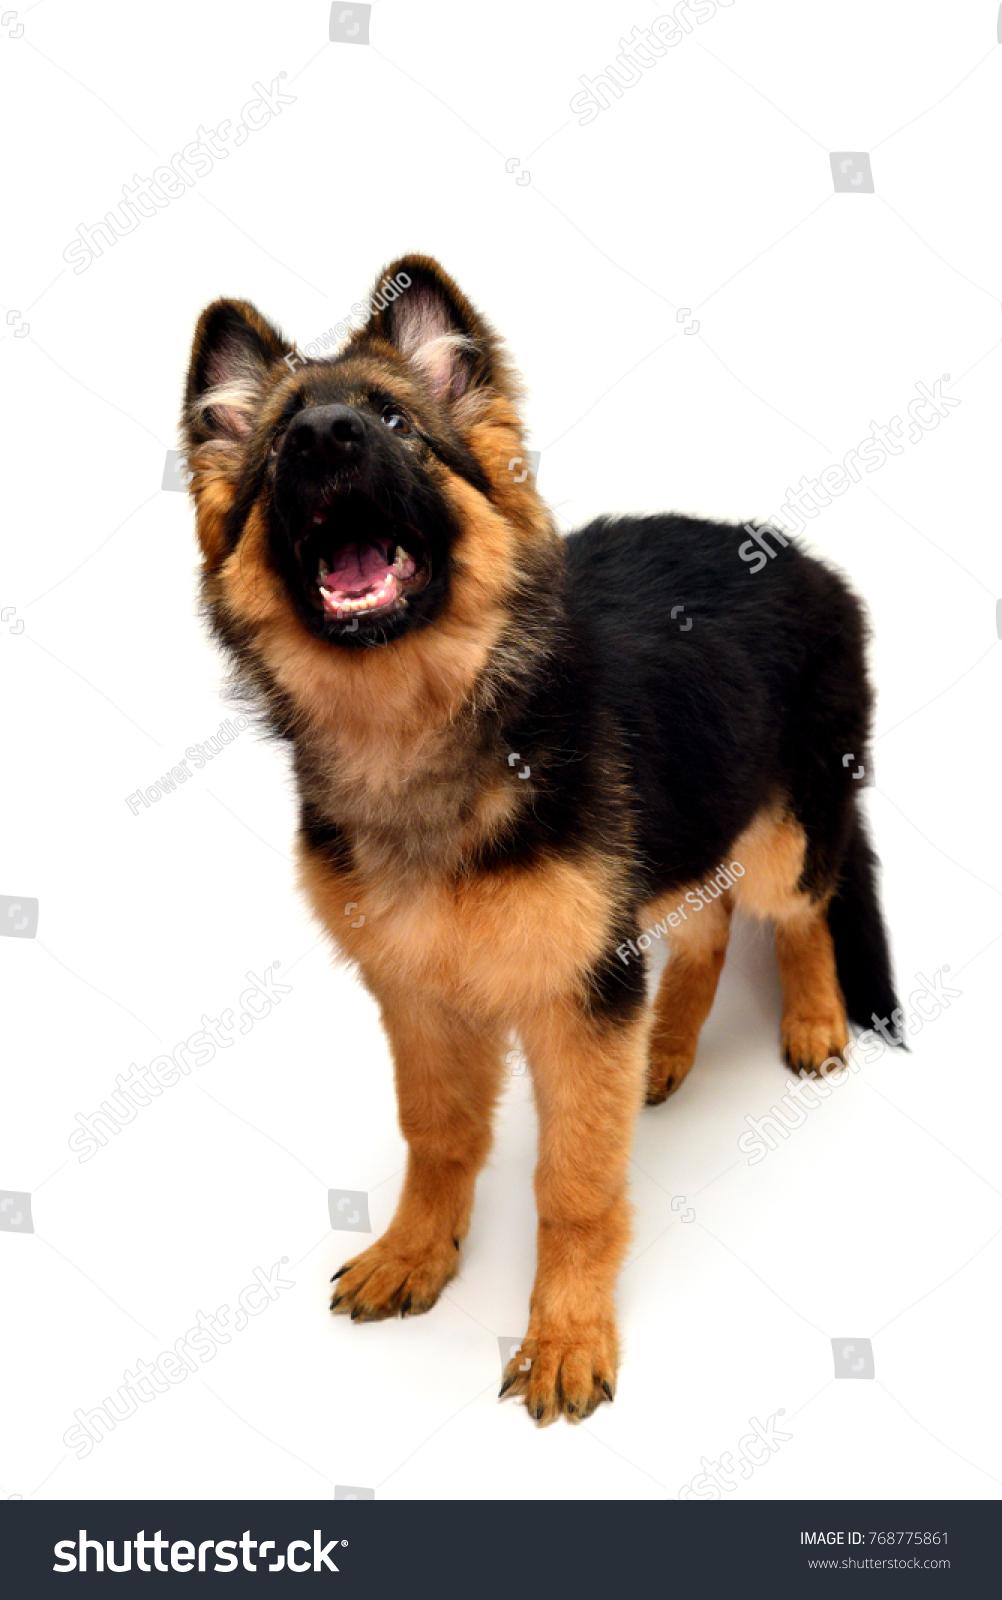 German Shepherd Puppy Teeth : german, shepherd, puppy, teeth, Fluffy, German, Shepherd, Shows, Teeth, Stock, Photo, (Edit, 768775861